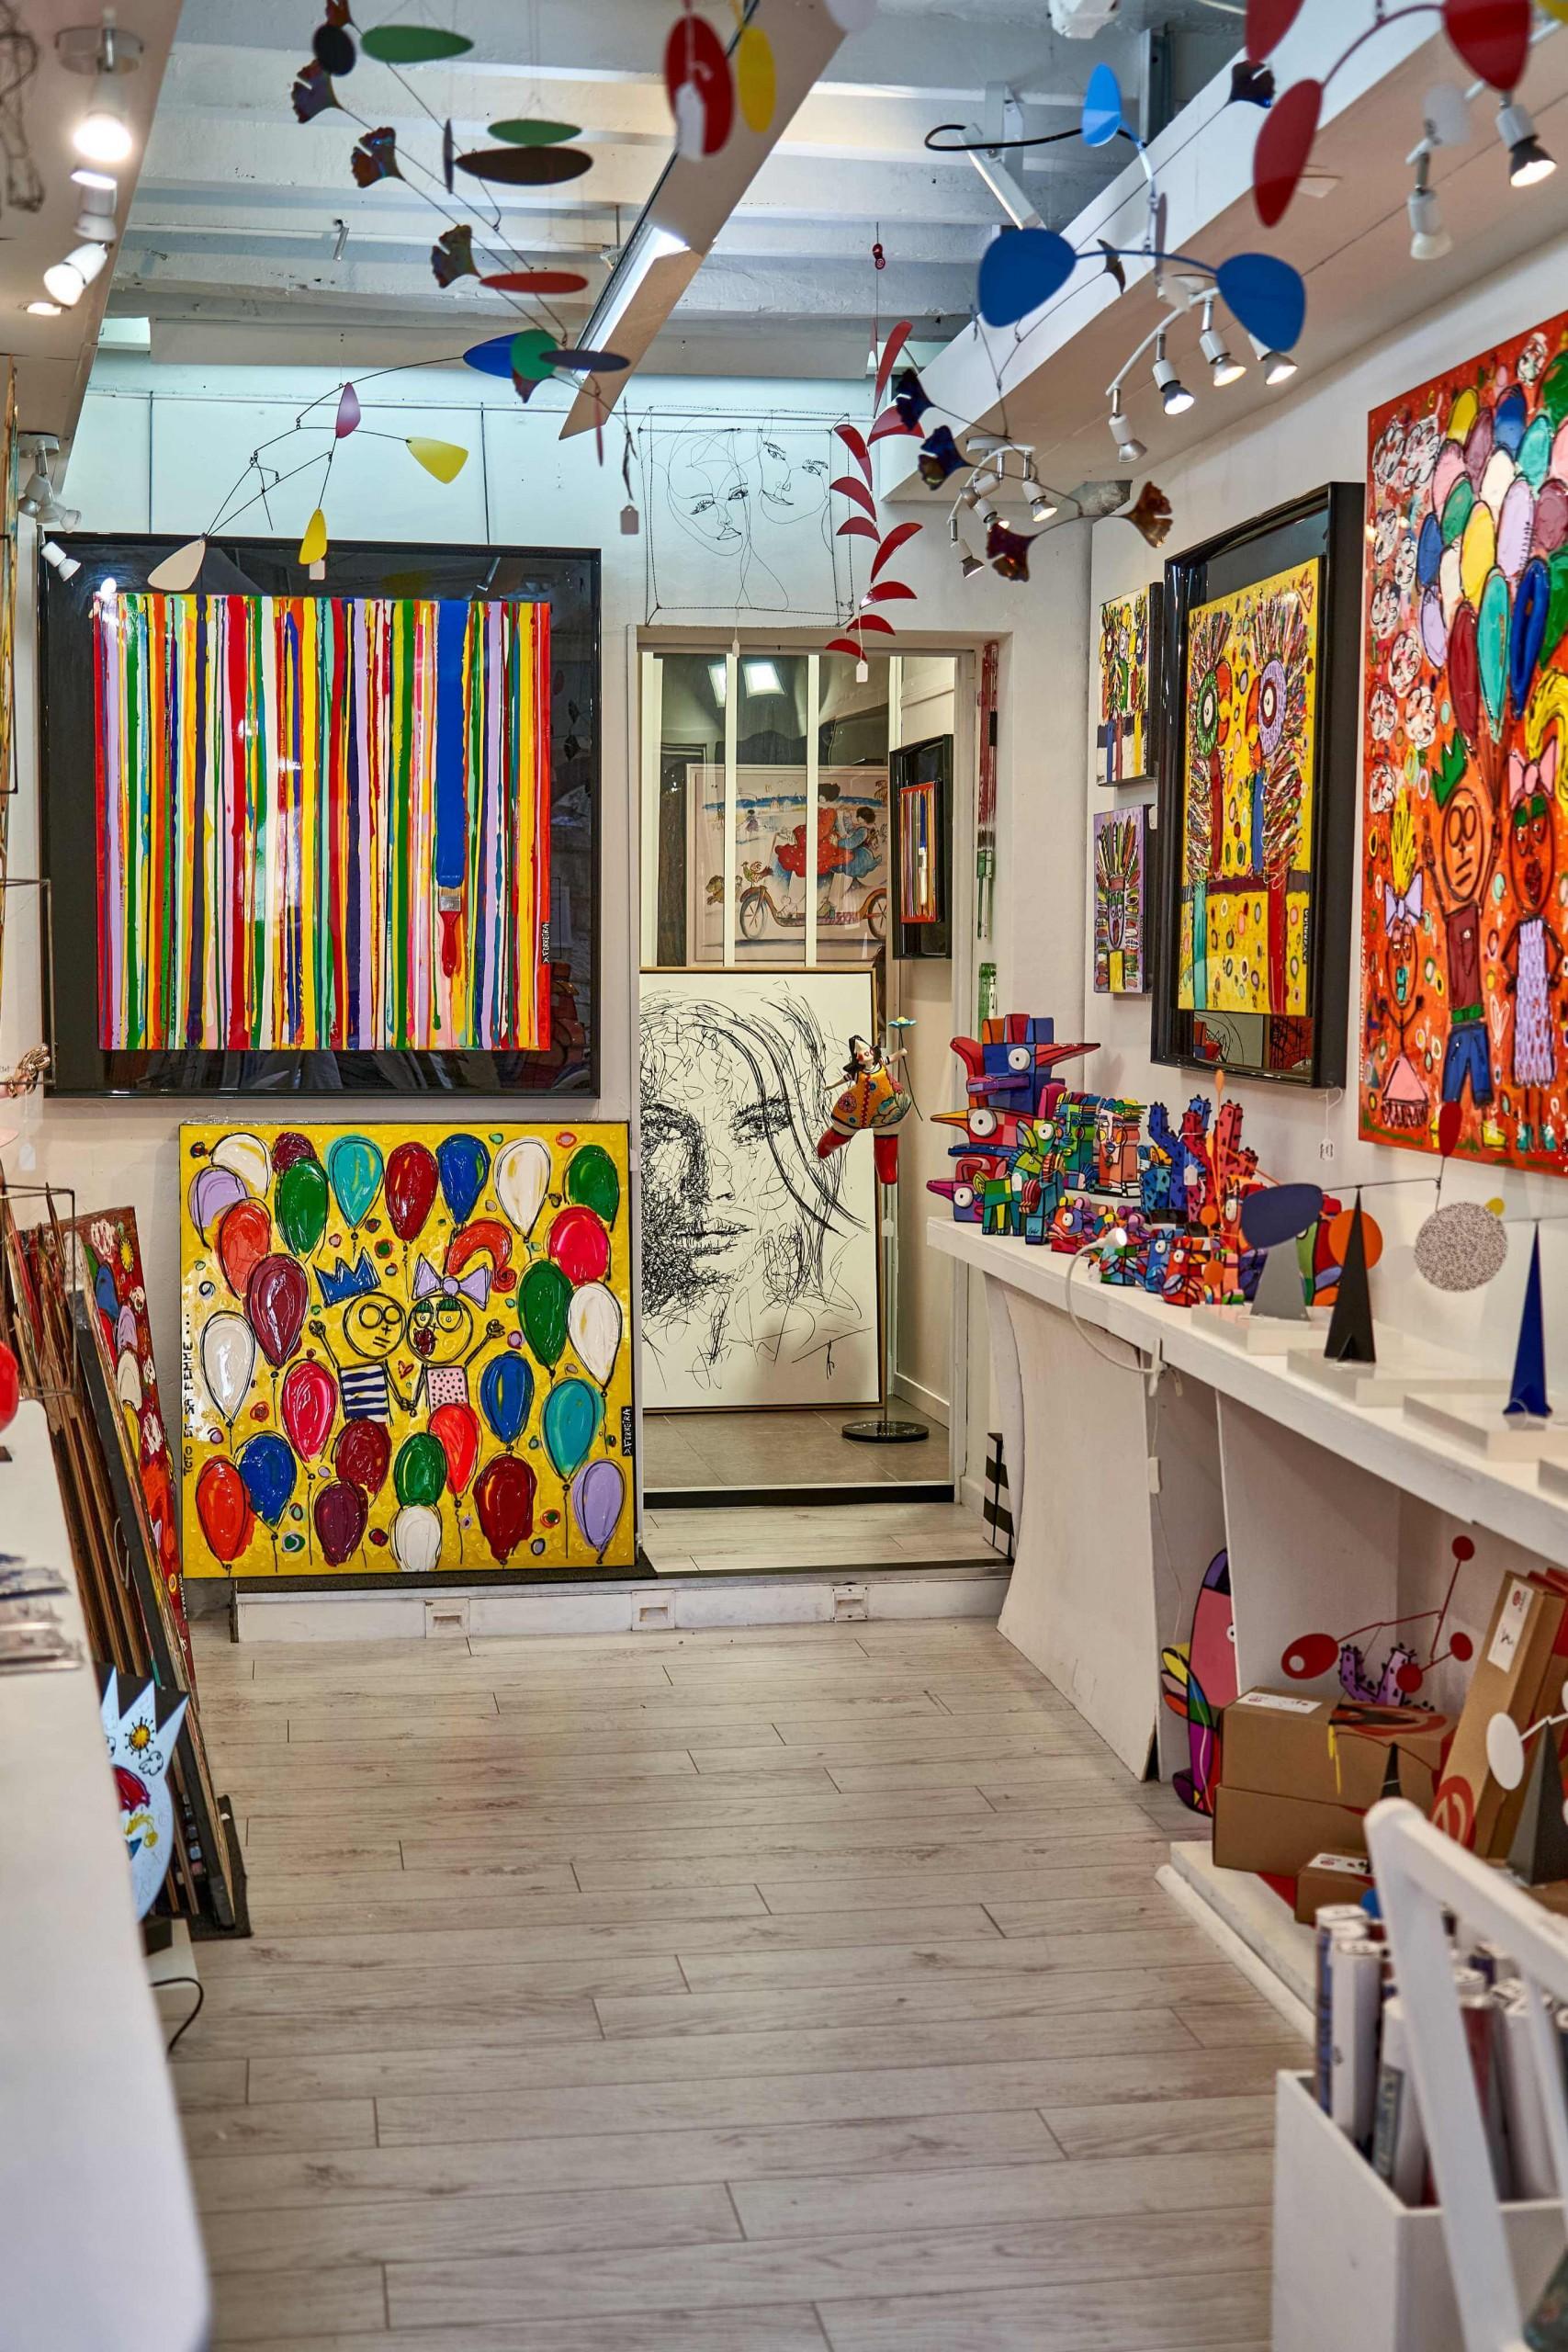 art gallery in Art Village Of Saint-Paul-de-Vence